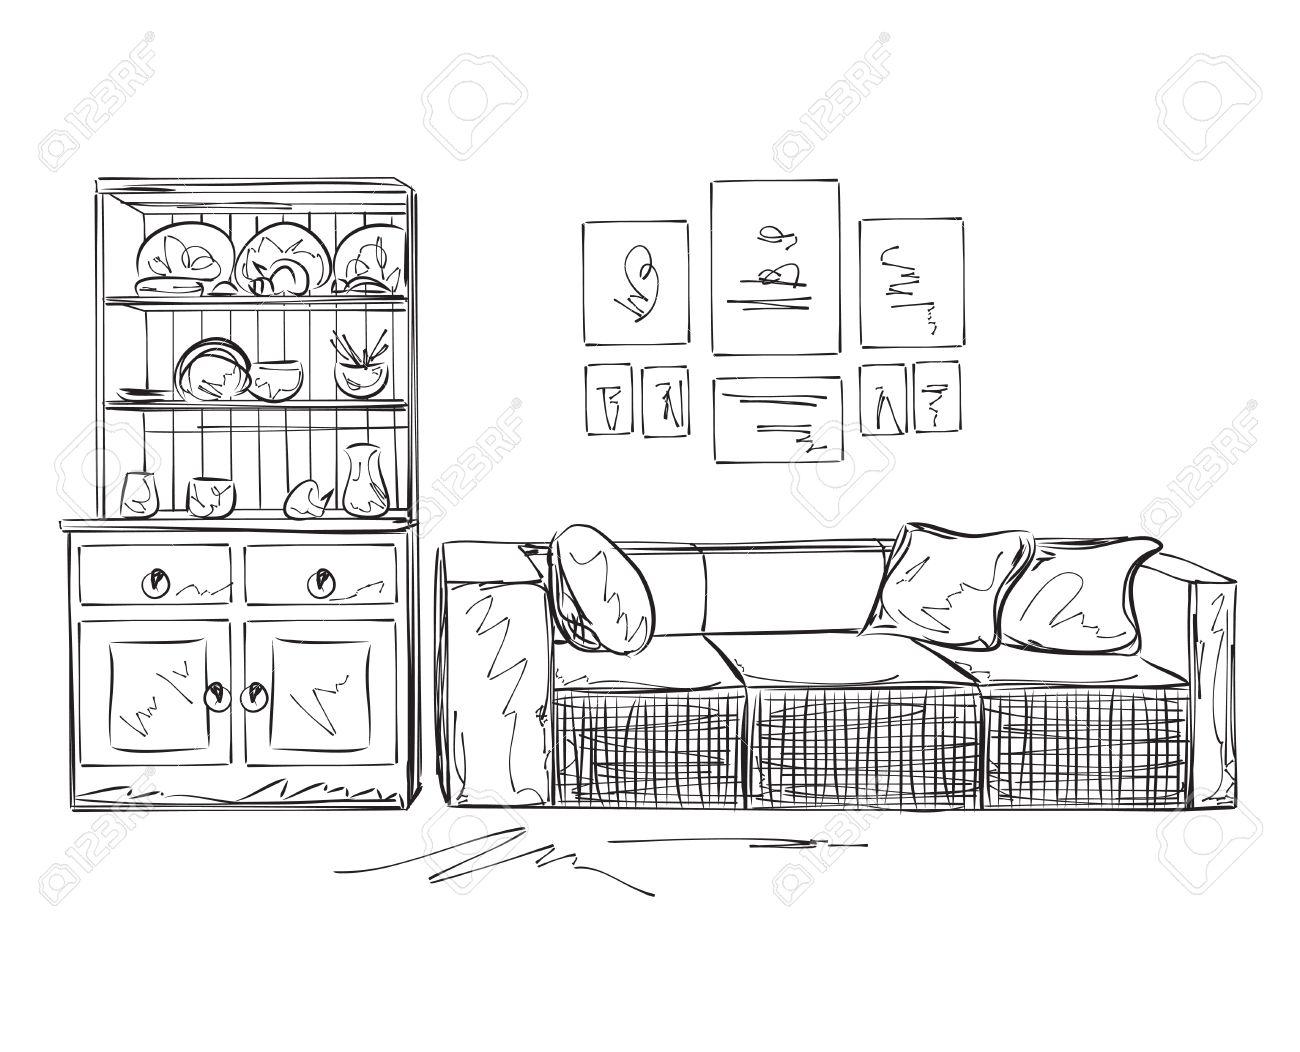 Sofa gezeichnet  Moderner Innenraum Skizze. Hand Gezeichnet Sofa Und Möbel ...